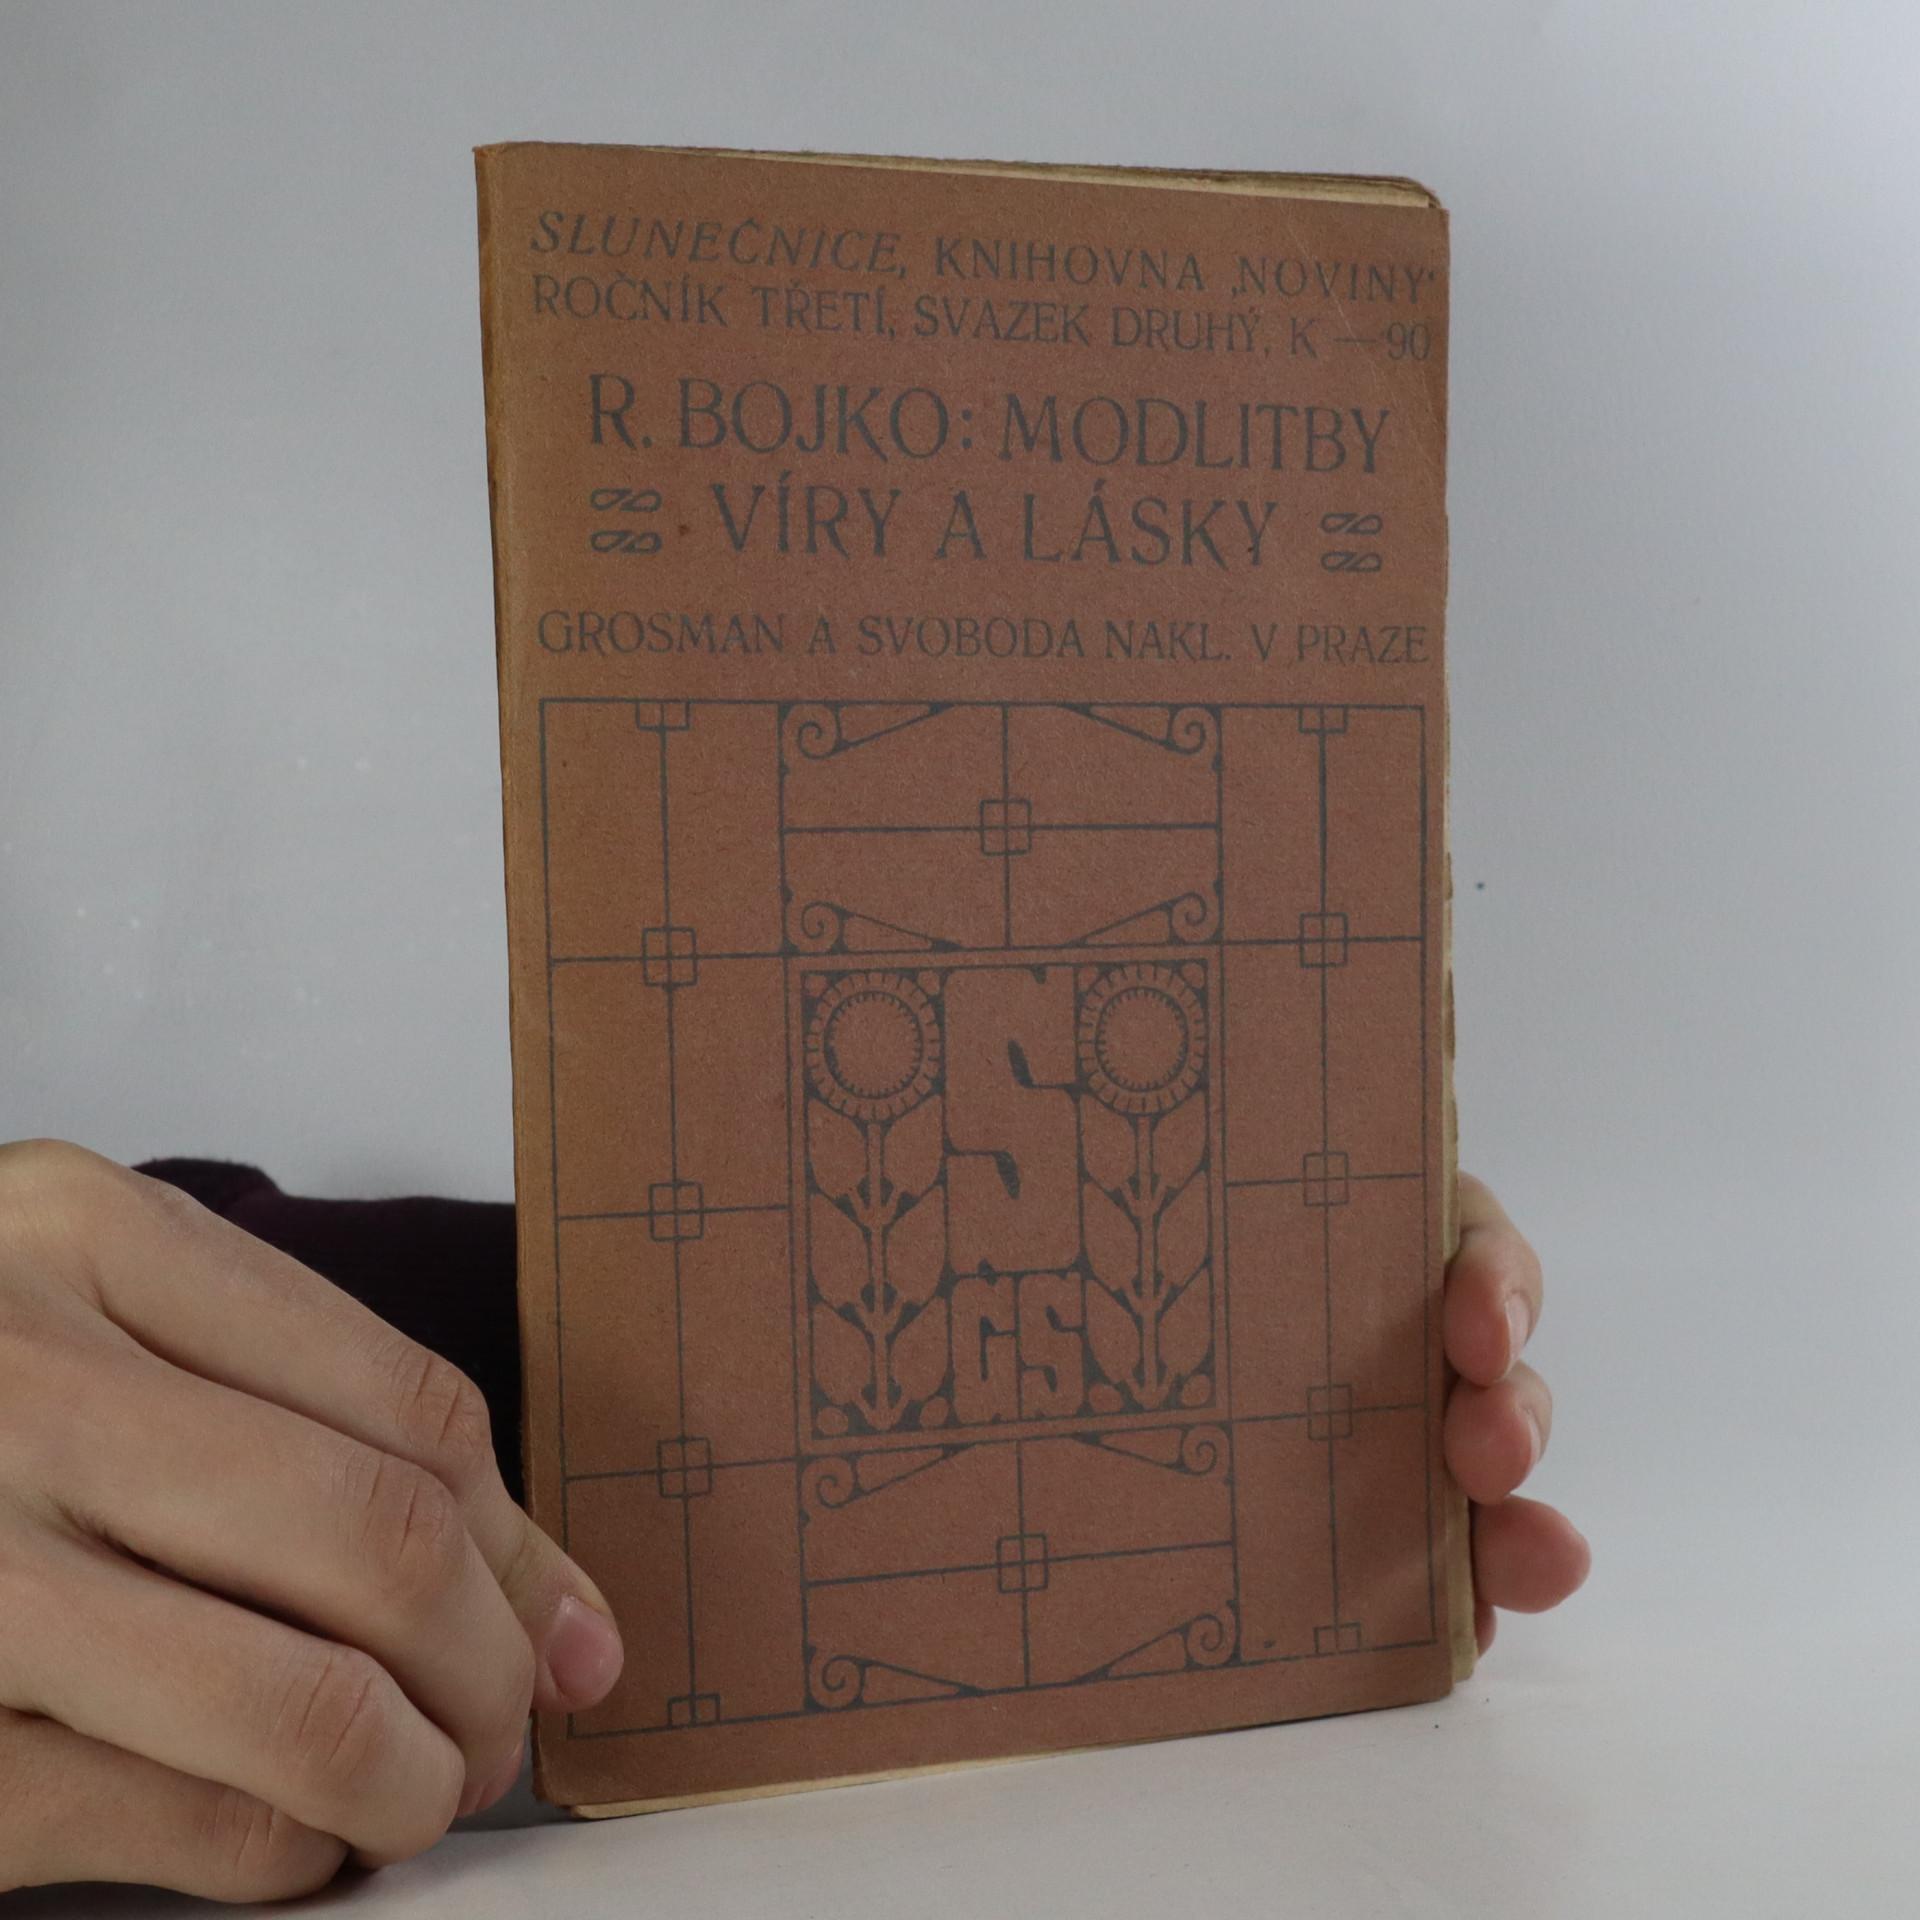 antikvární kniha Modlitby víry a lásky, 1912